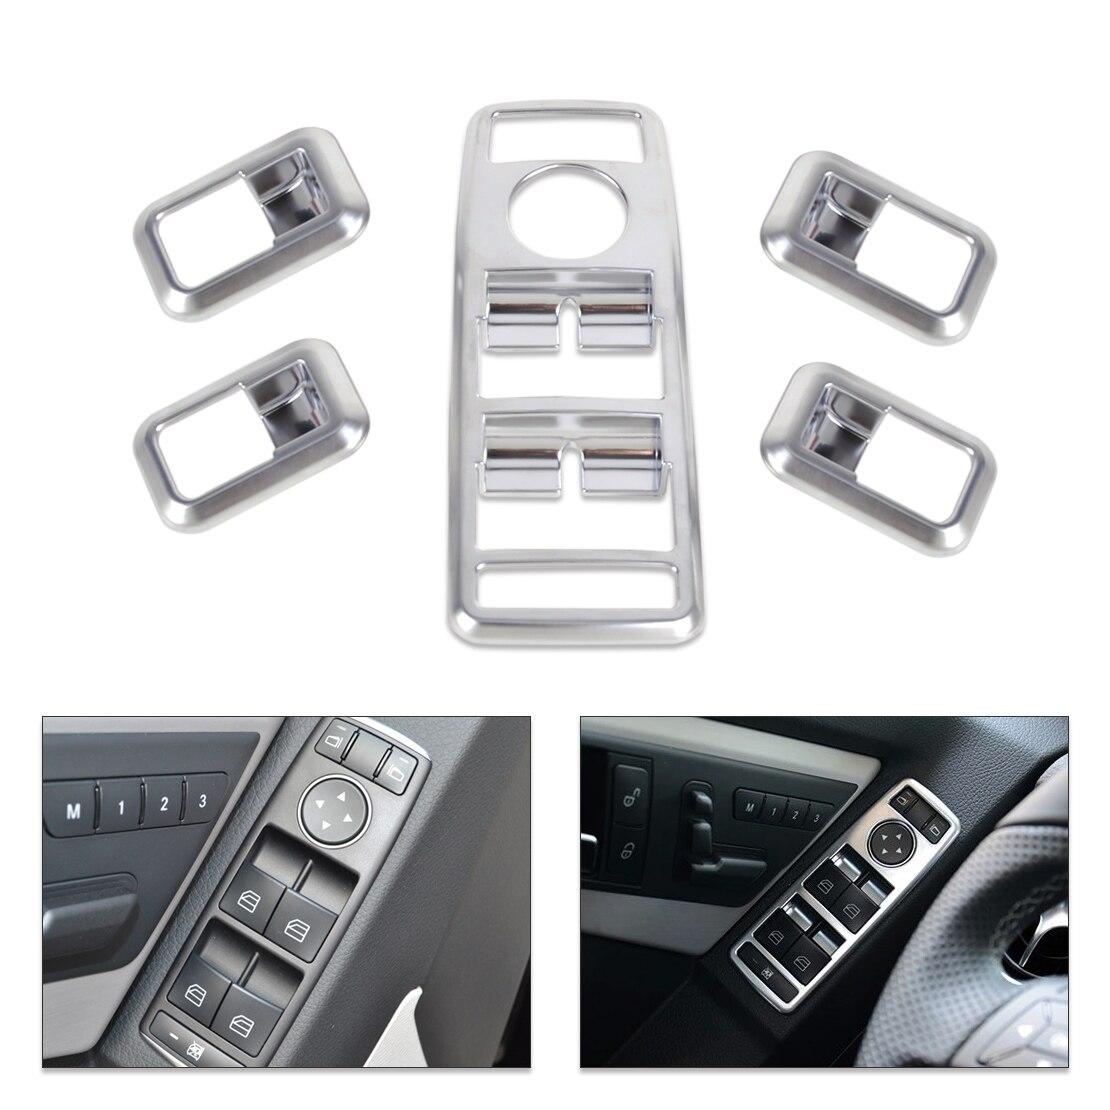 DWCX car-styling Chrome Door Window Switch panel cover trim for Mercedes Benz A W176 B W246 GL X166 ML W166 GLK X204 CLA W117 for benz cla c117 w117 inner door window switch button cover 2014 2017 14pcs